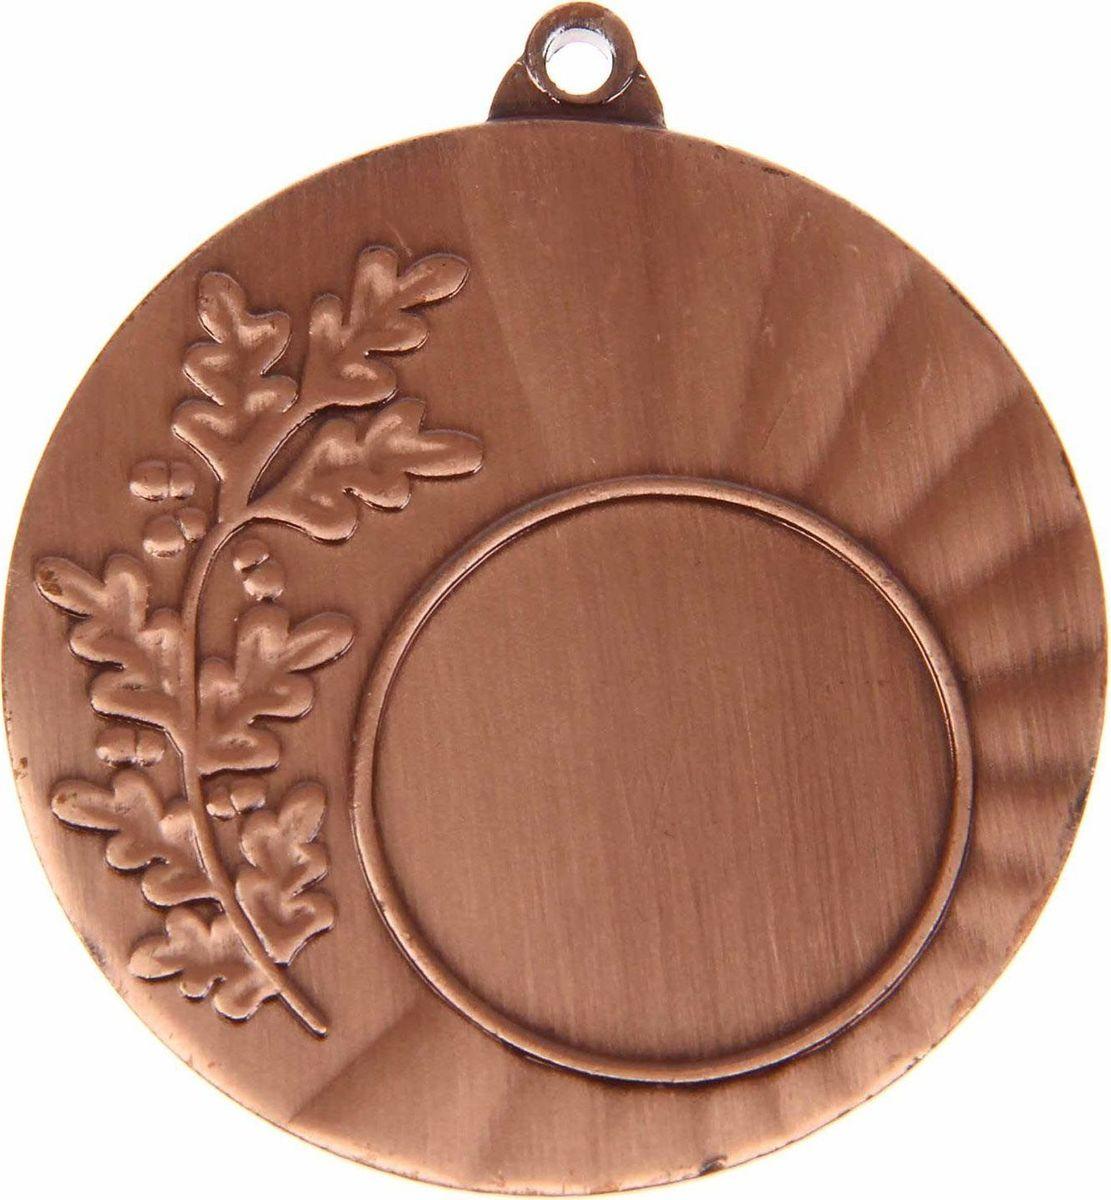 Медаль сувенирная с местом для гравировки, цвет: бронзовый, диаметр 4,5 см. 0251108699Медаль — знак отличия, которым награждают самых достойных. Она вручается лишь тем, кто проявил настойчивость и волю к победе. Каждое достижение — это важное событие, которое должно остаться в памяти на долгие годы. Любое спортивное состязание, профессиональное или среди любителей, любое корпоративное мероприятие — отличный повод для того, чтобы отметить лучших из лучших. Характеристики:Диаметр медали: 4,5 см Диаметр вкладыша (лицо): 2,5 см Диаметр вкладыша (оборот): 4 см. Пусть любая победа будет отмечена соответствующей наградой!